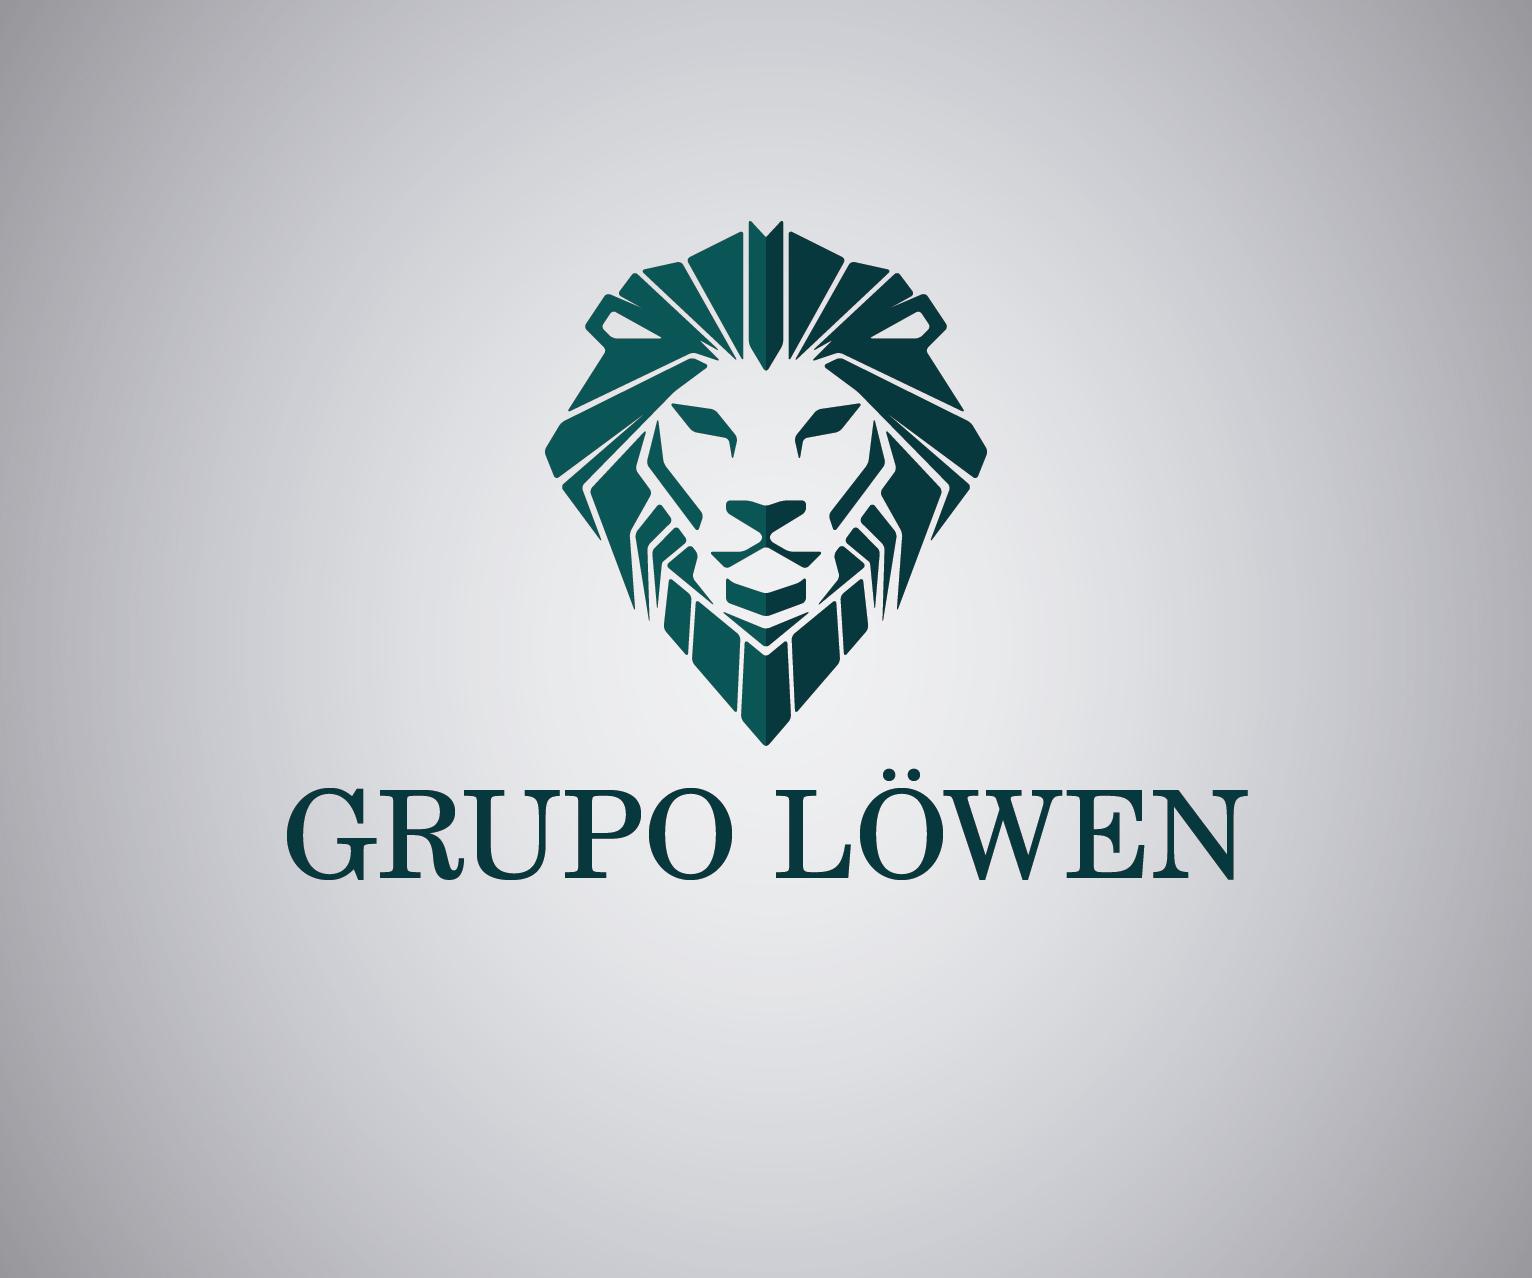 Ver más vehículos de Grupo Löwen